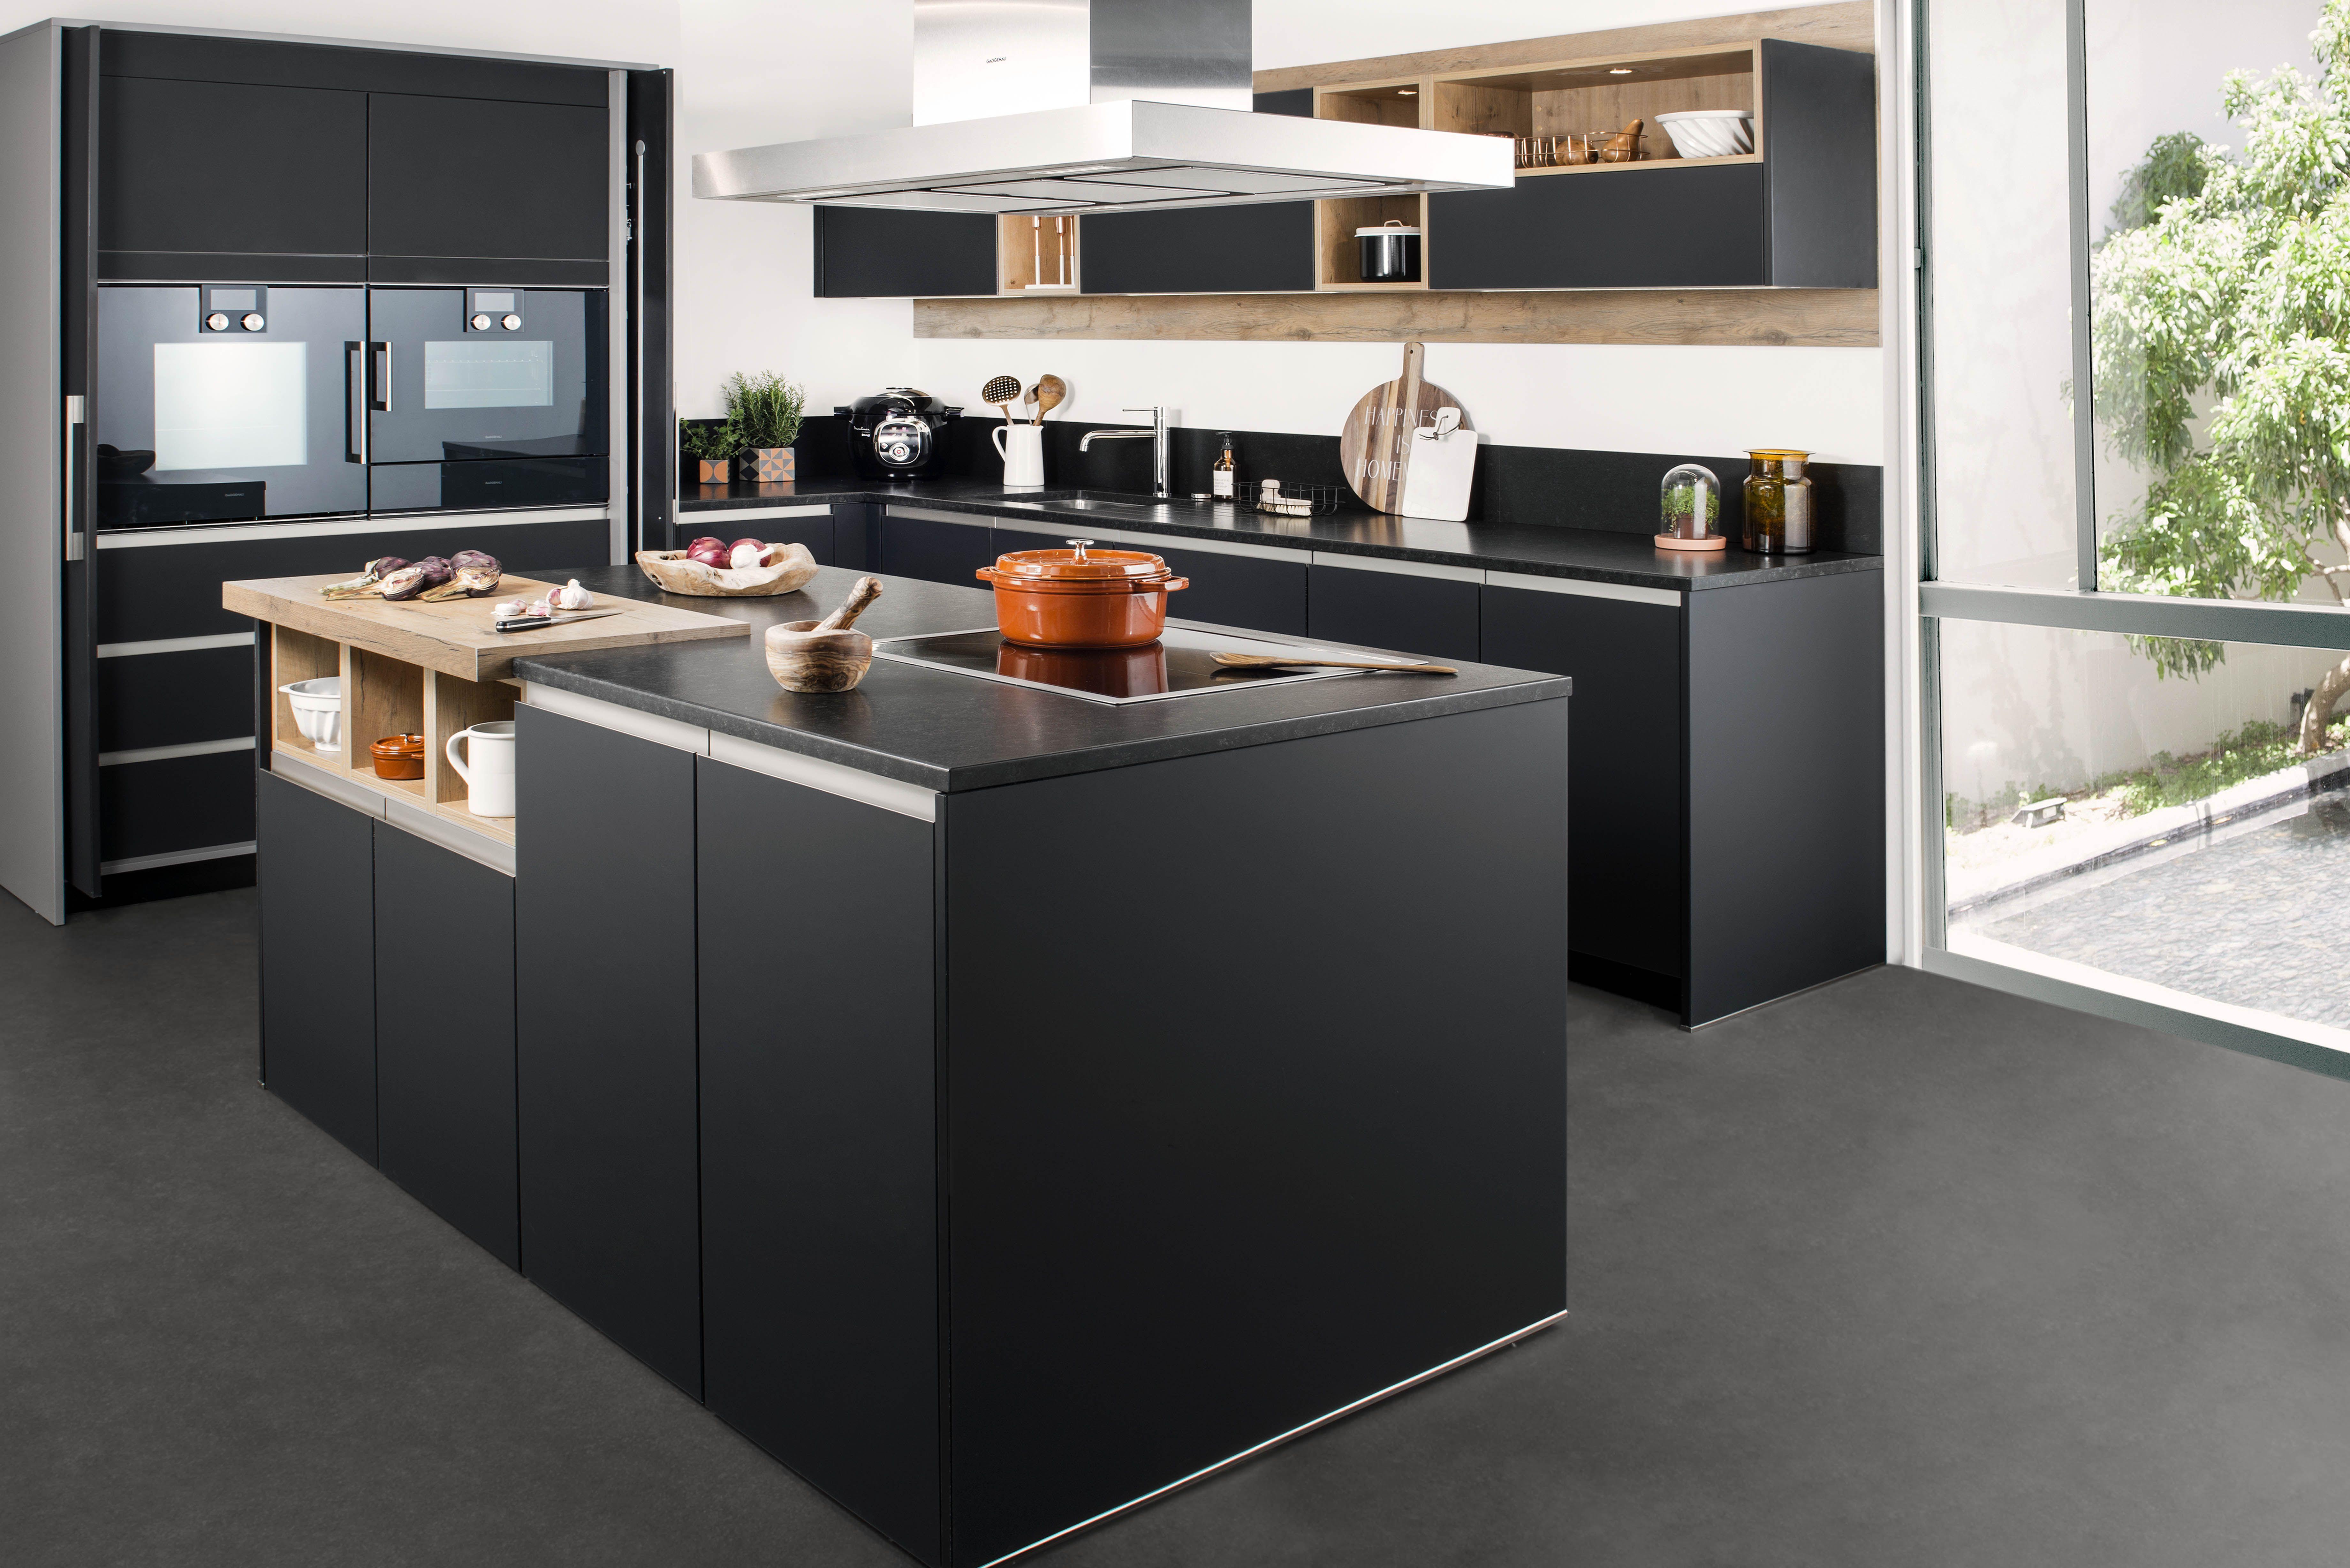 nova avec la fa ade nova vous avez une cuisine tr s moderne et tr s esth tique l aspect. Black Bedroom Furniture Sets. Home Design Ideas